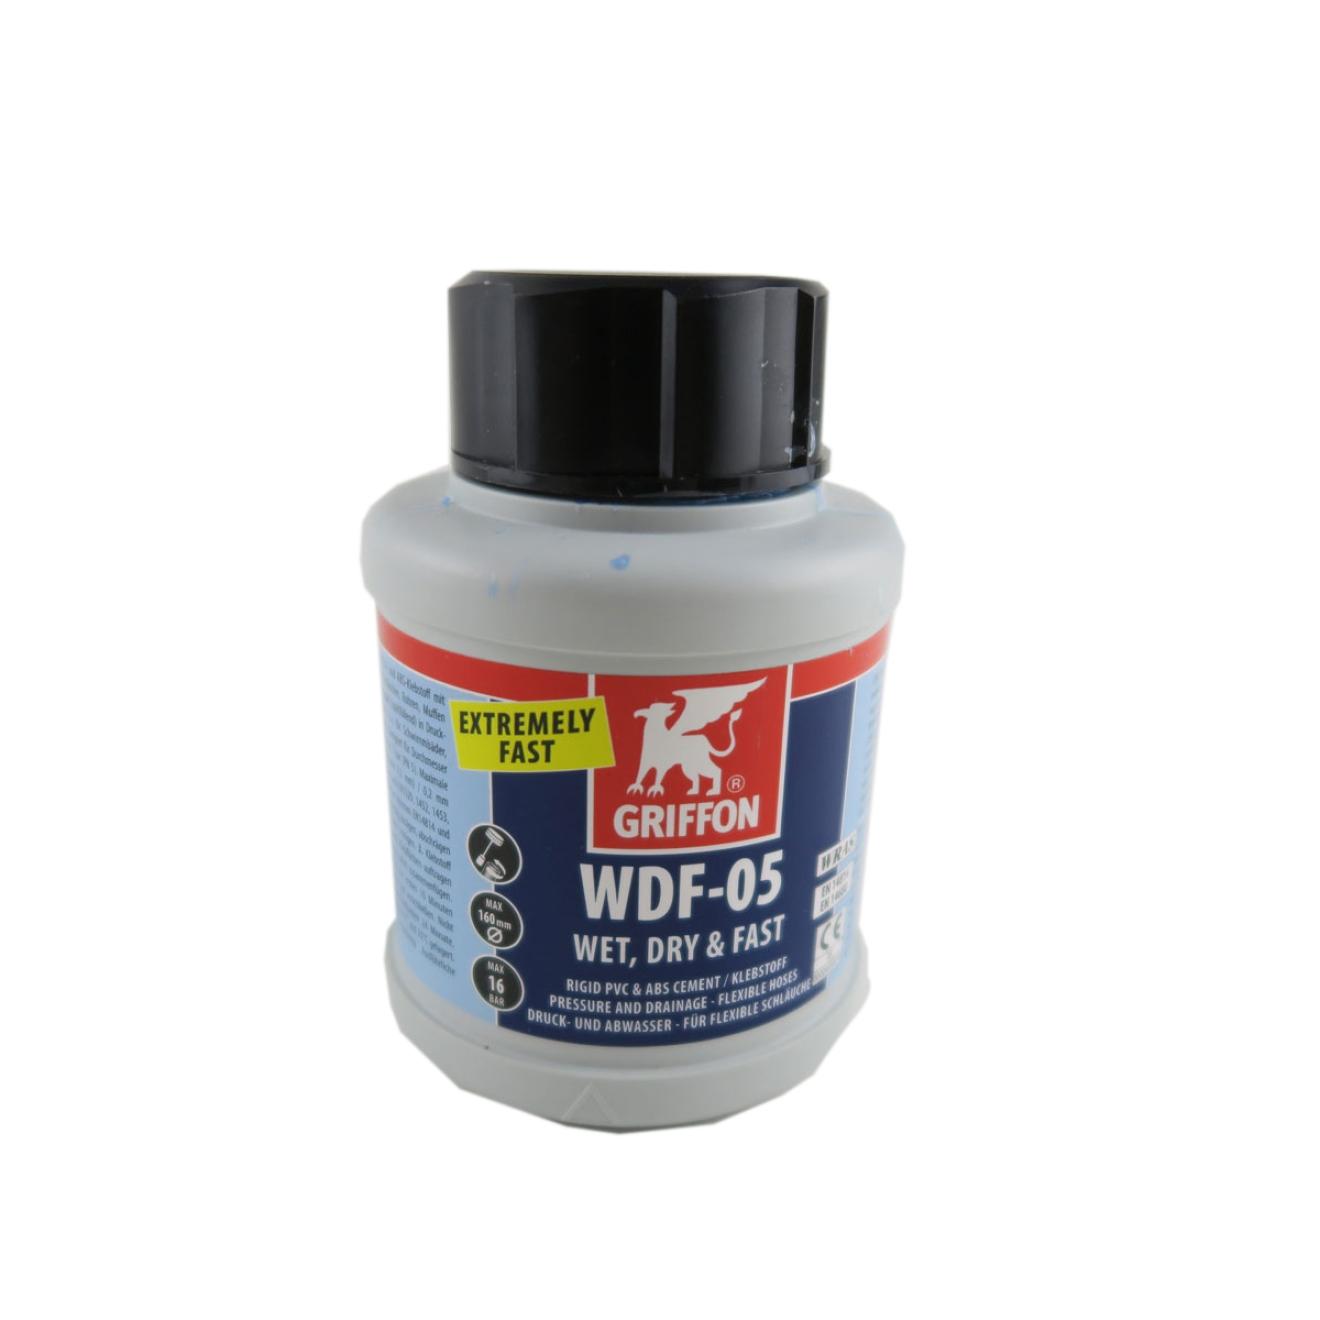 whirlpool ersatzteile | whirlpool kleber/leim wdf-05 125ml | griffin